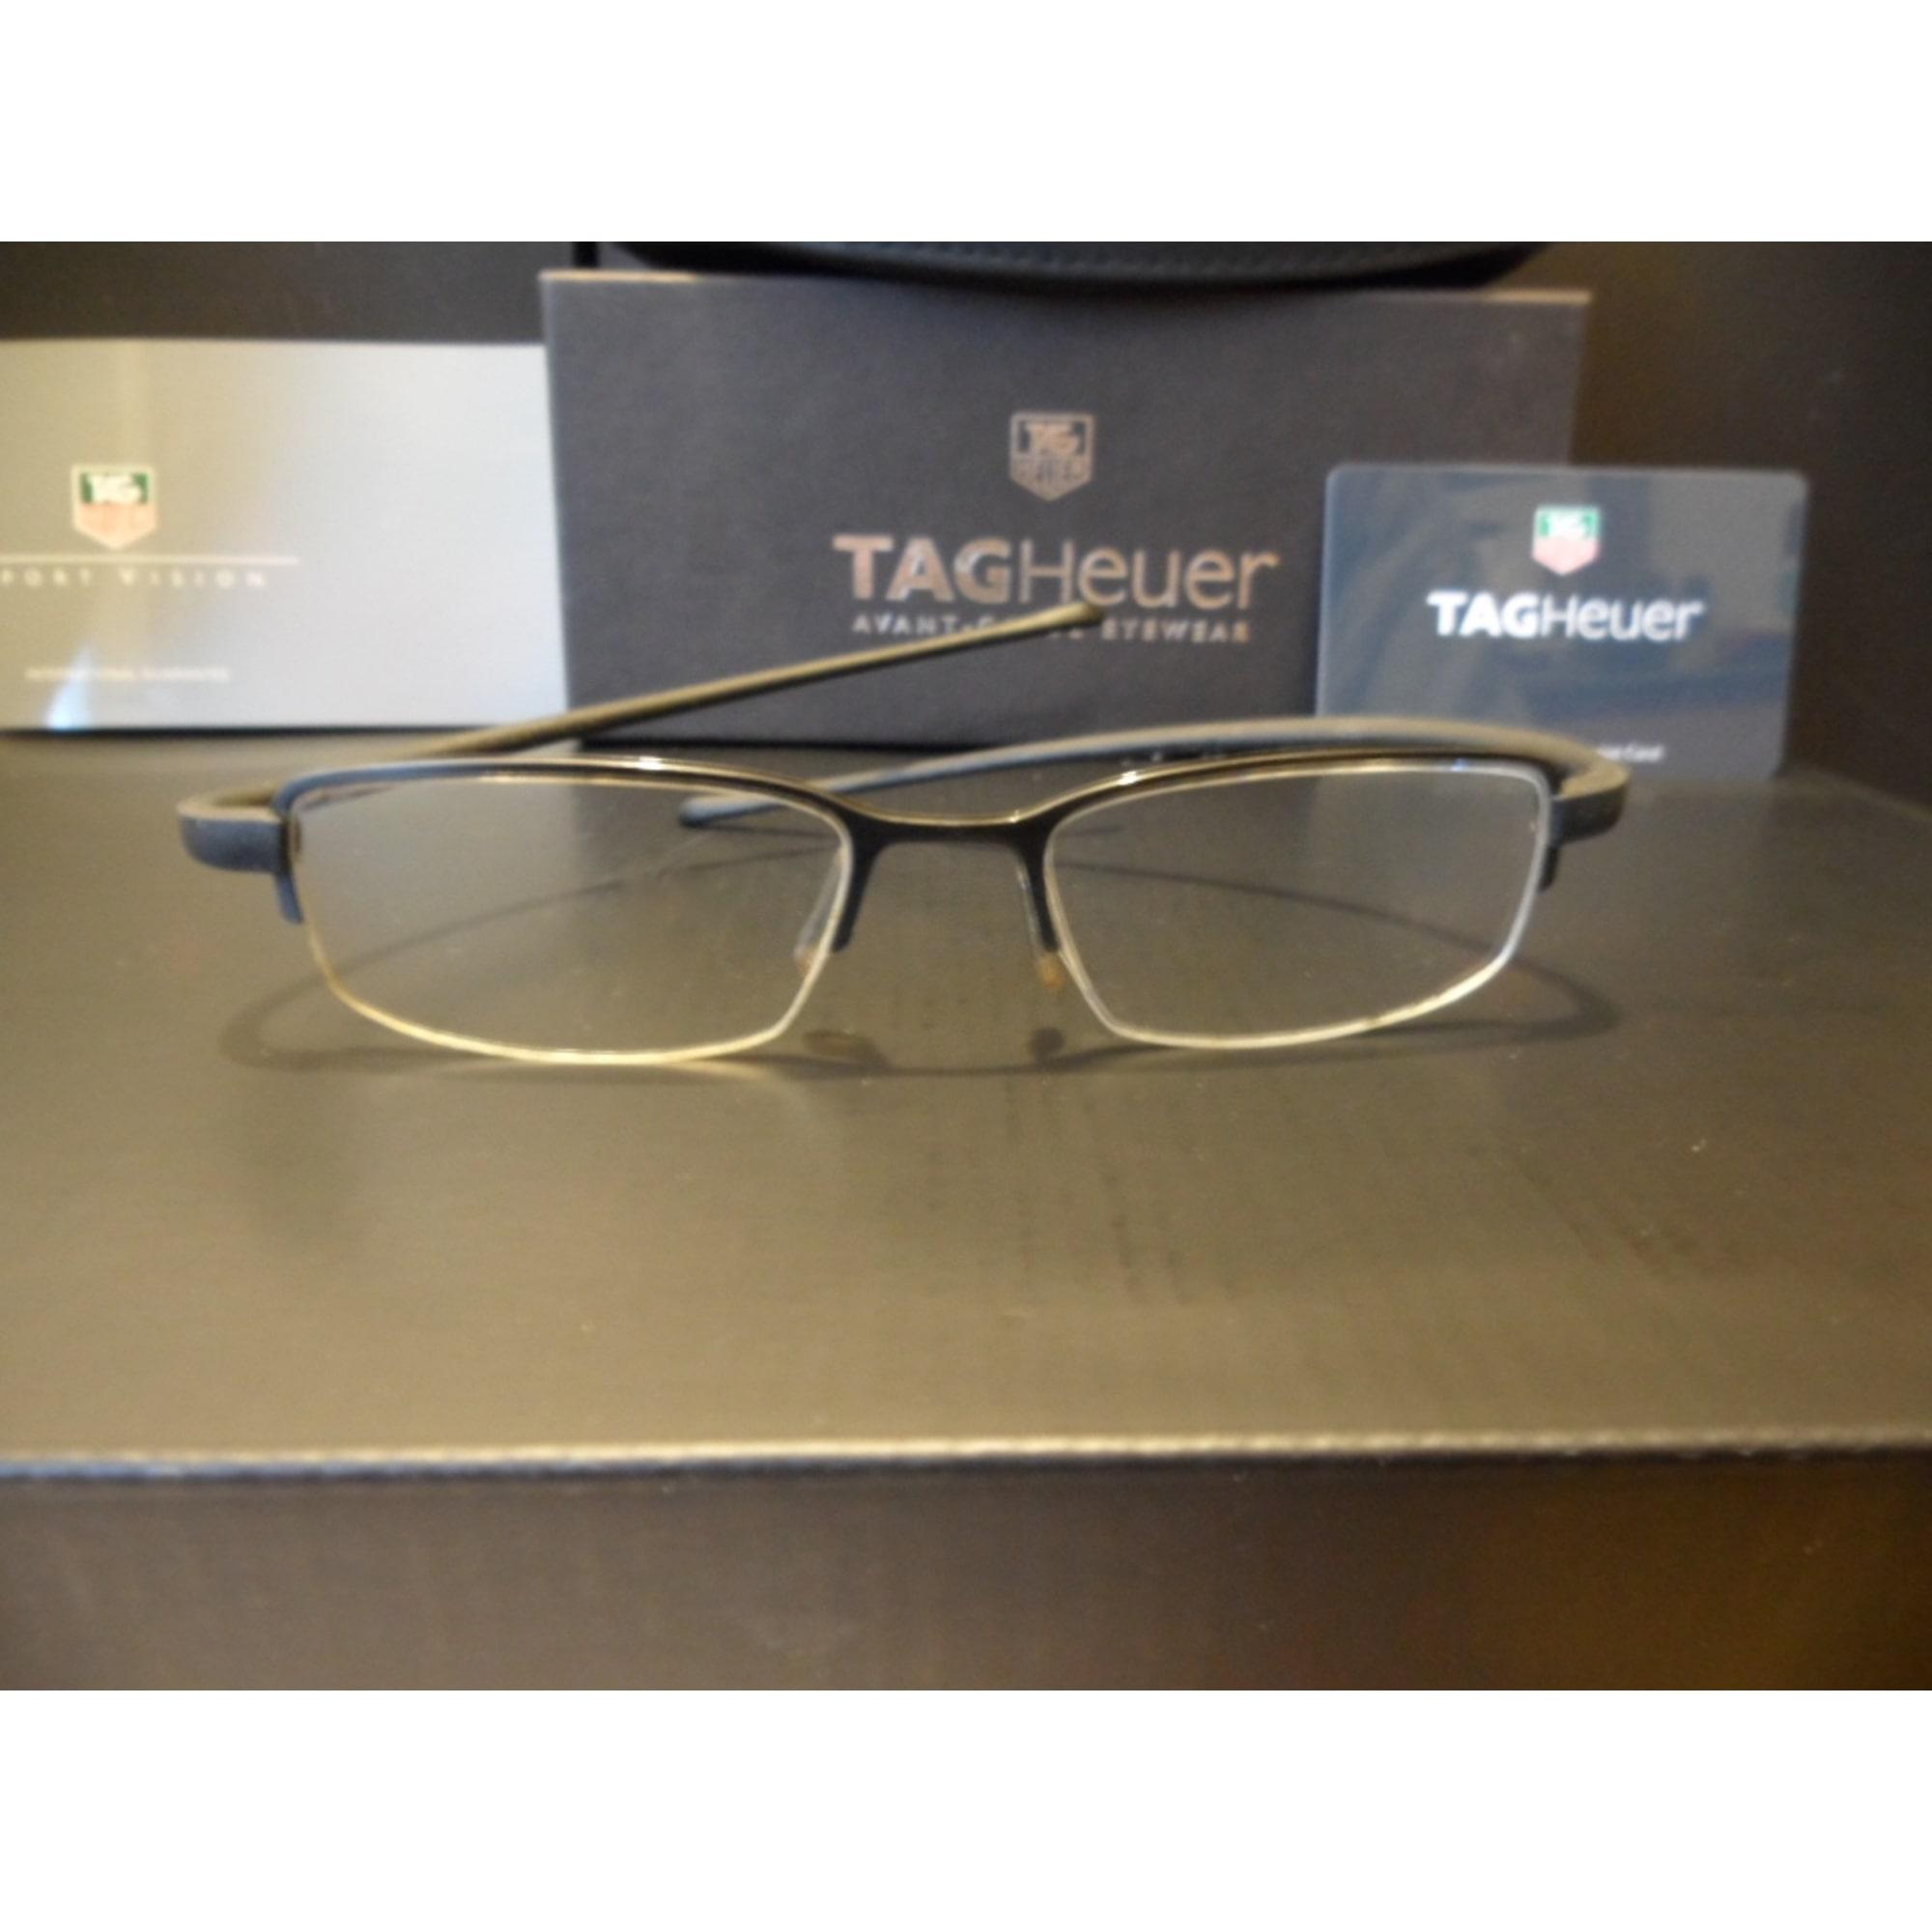 85850ade77 Monture de lunettes TAG HEUER noir vendu par Loews - 3557804